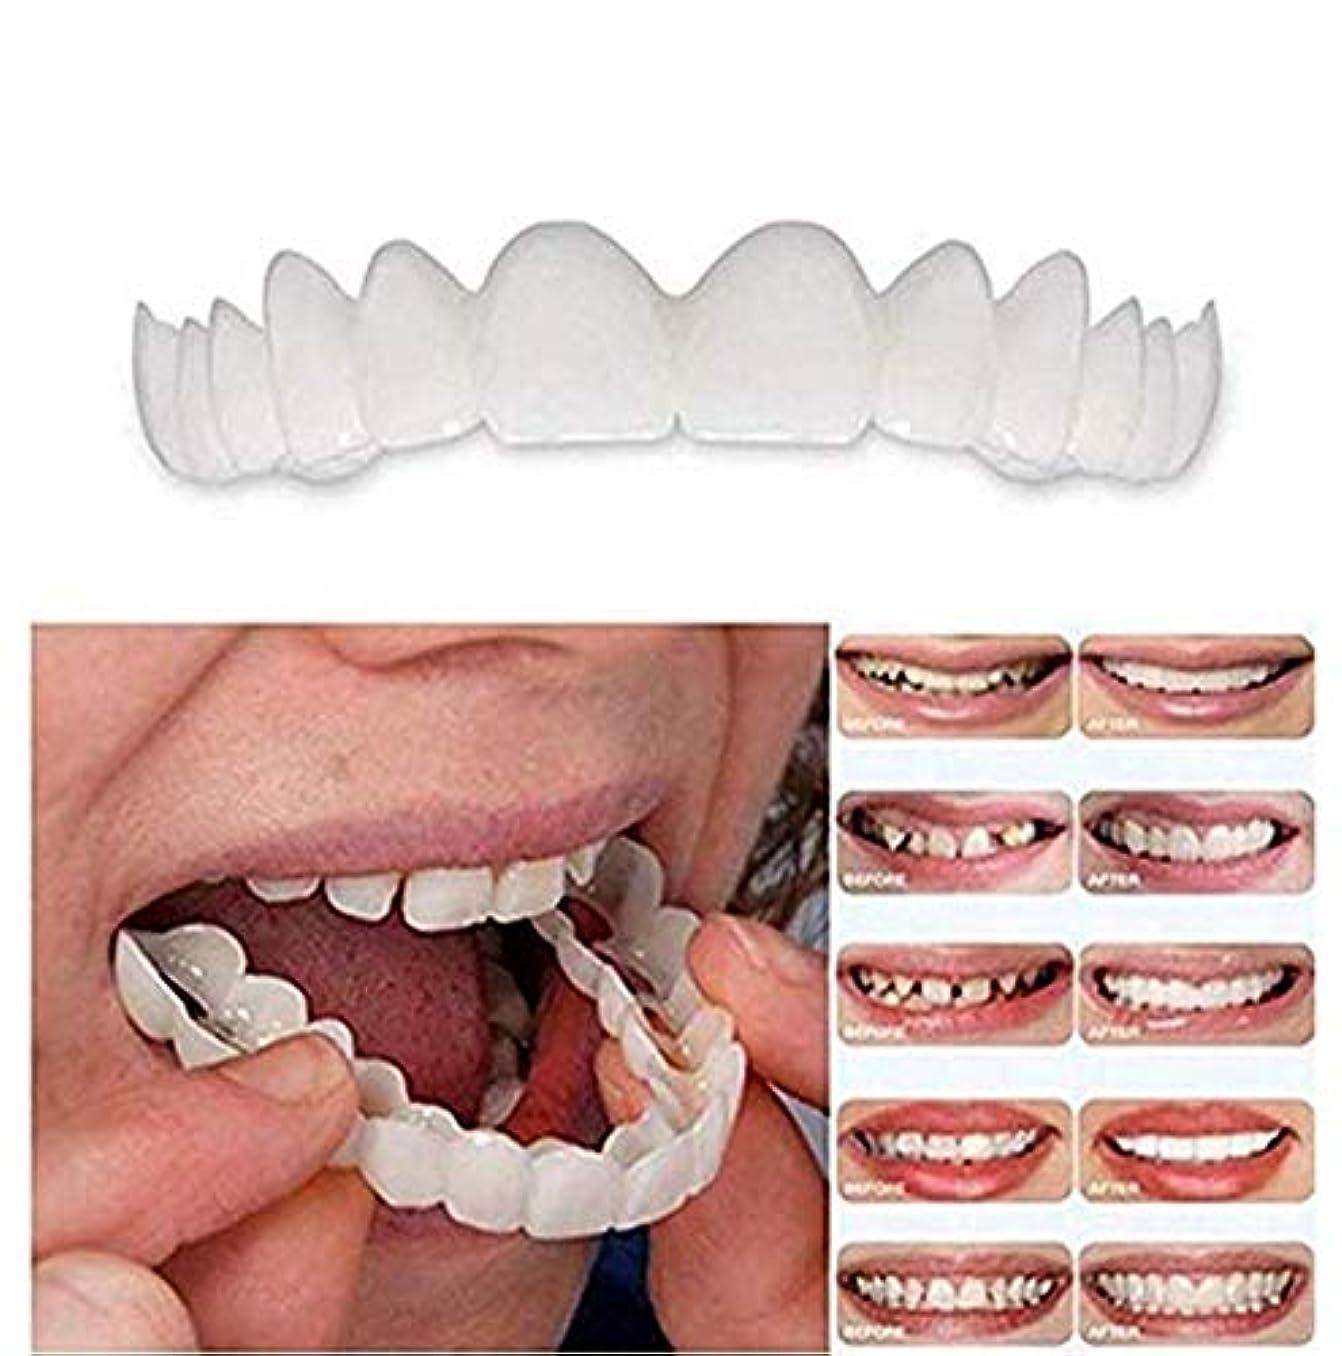 基本的な鯨振る舞い14セットの再利用可能な歯カバー歯科用アクセサリー用の調節可能なソフト漂白偽歯科義歯